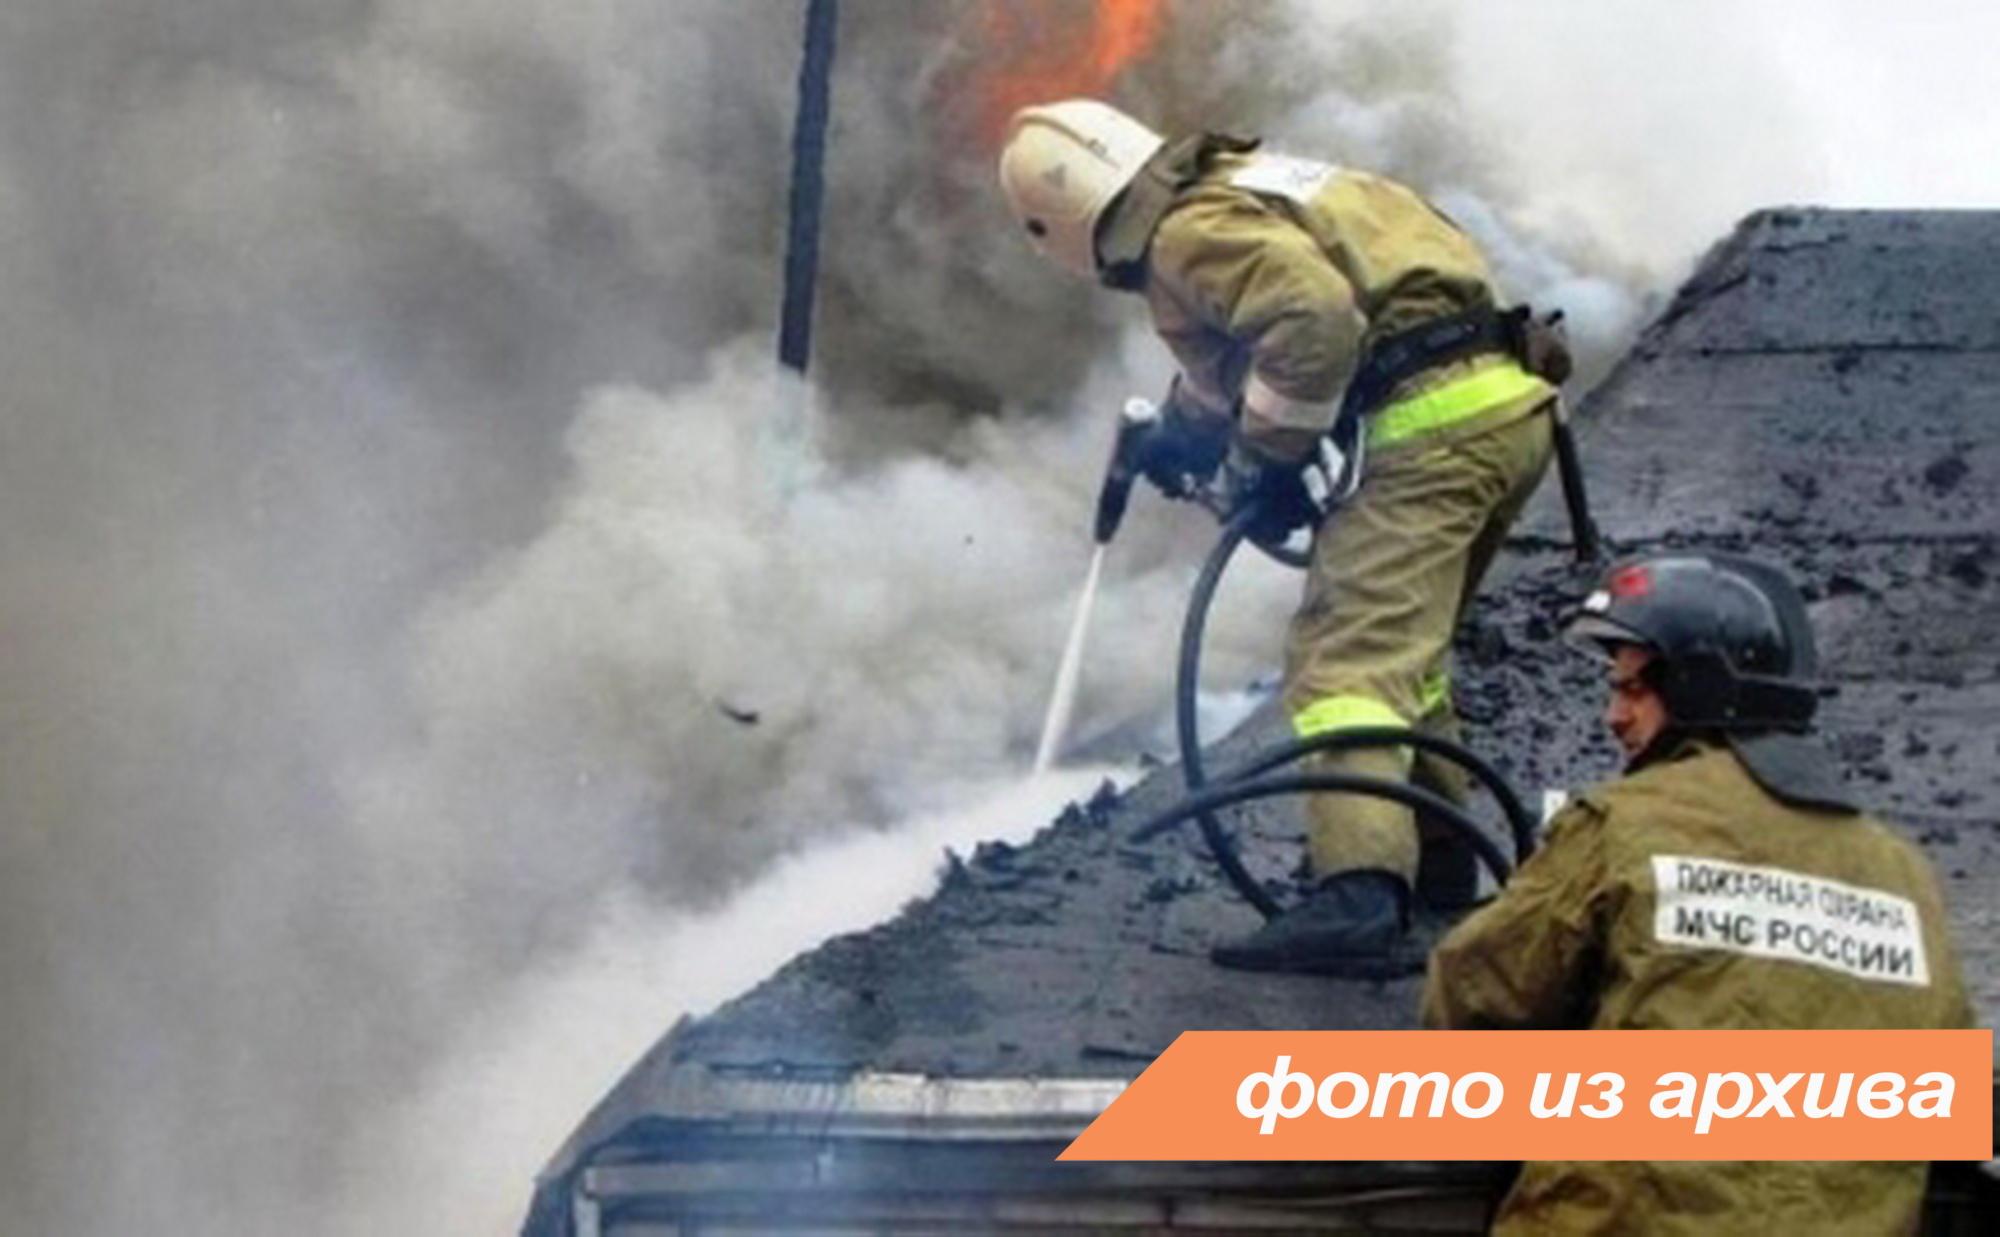 Пожарно-спасательные подразделения ликвидировали пожар в  Волосовском районе